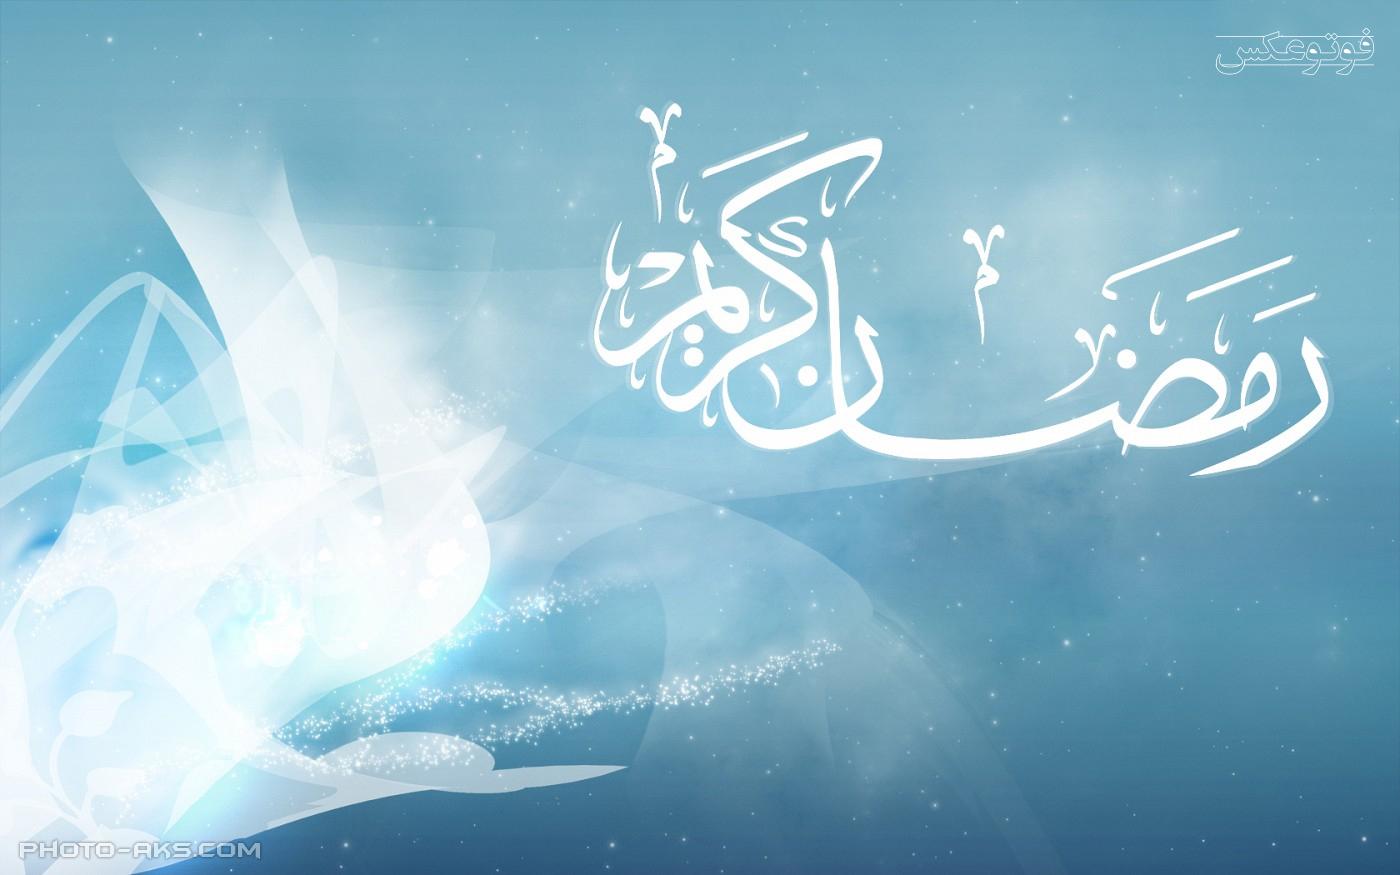 دانلود مجموعه عکس بک گراند با کیفیت بالا با موضوعات ورزشی: زیباترین بک گراند های رمضان Ramadan Background